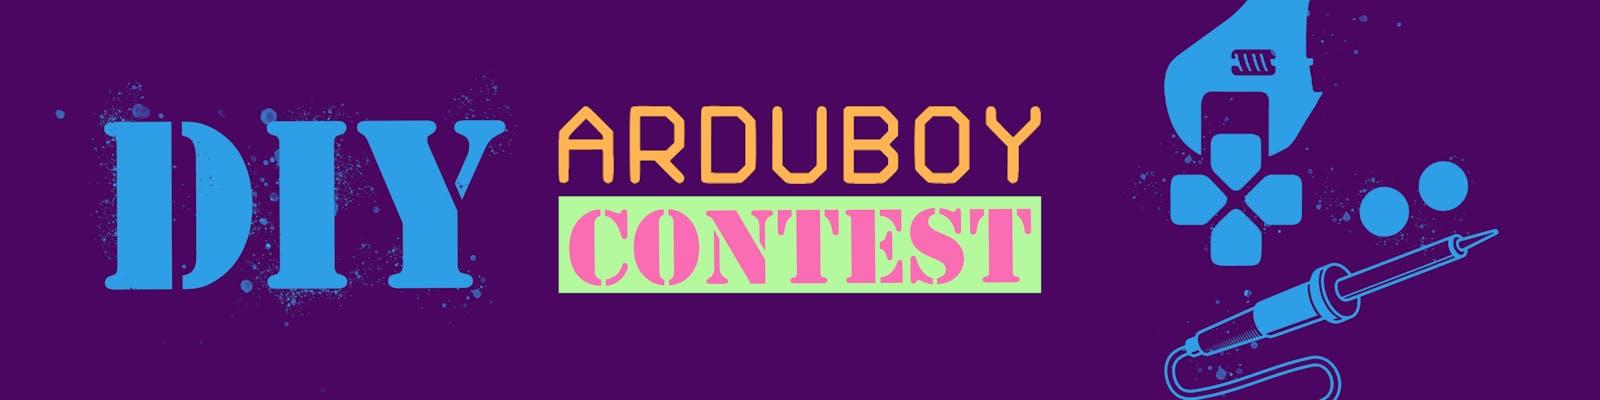 DIY Arduboy Contest